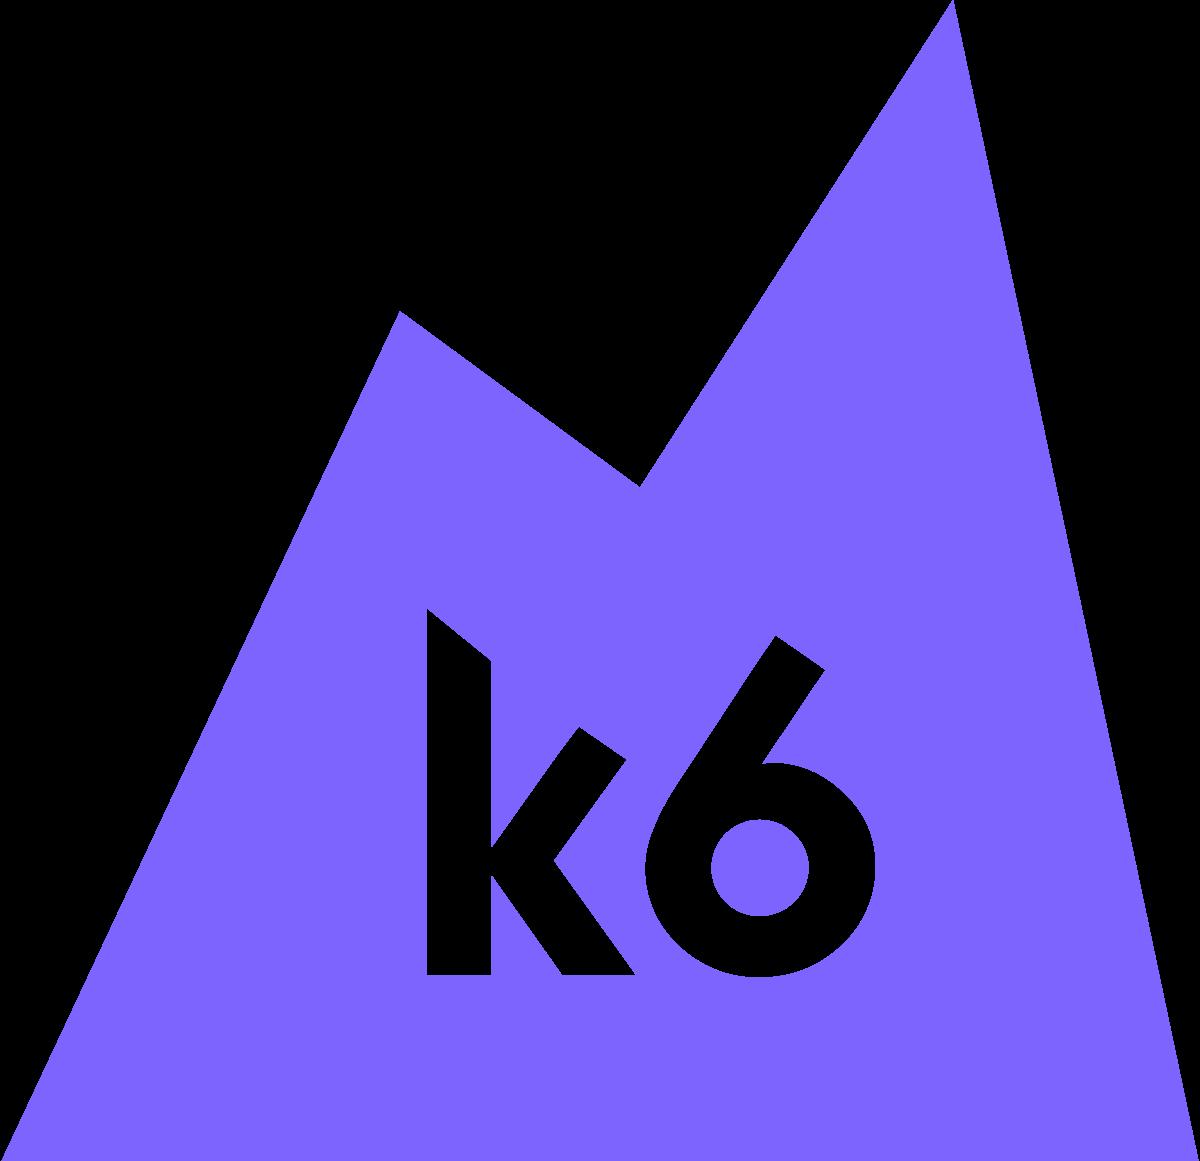 Logotipo de K6